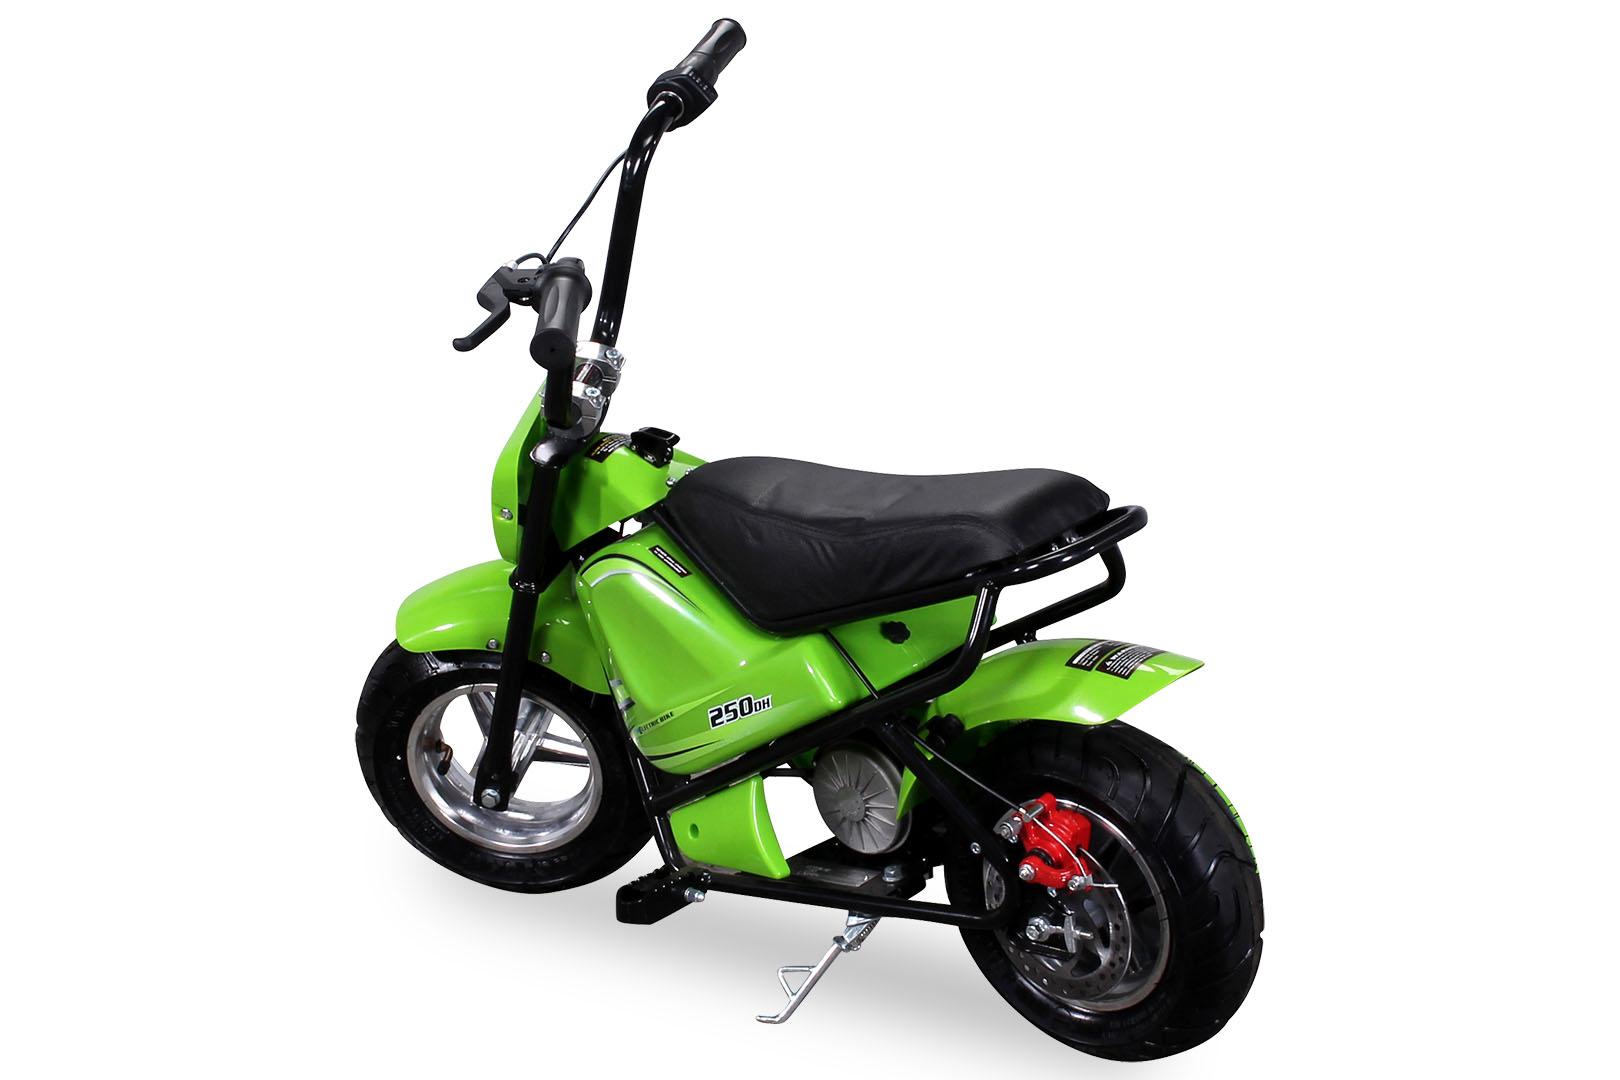 mini e bike minibike scooter sq250dh 250 watt e scooter. Black Bedroom Furniture Sets. Home Design Ideas